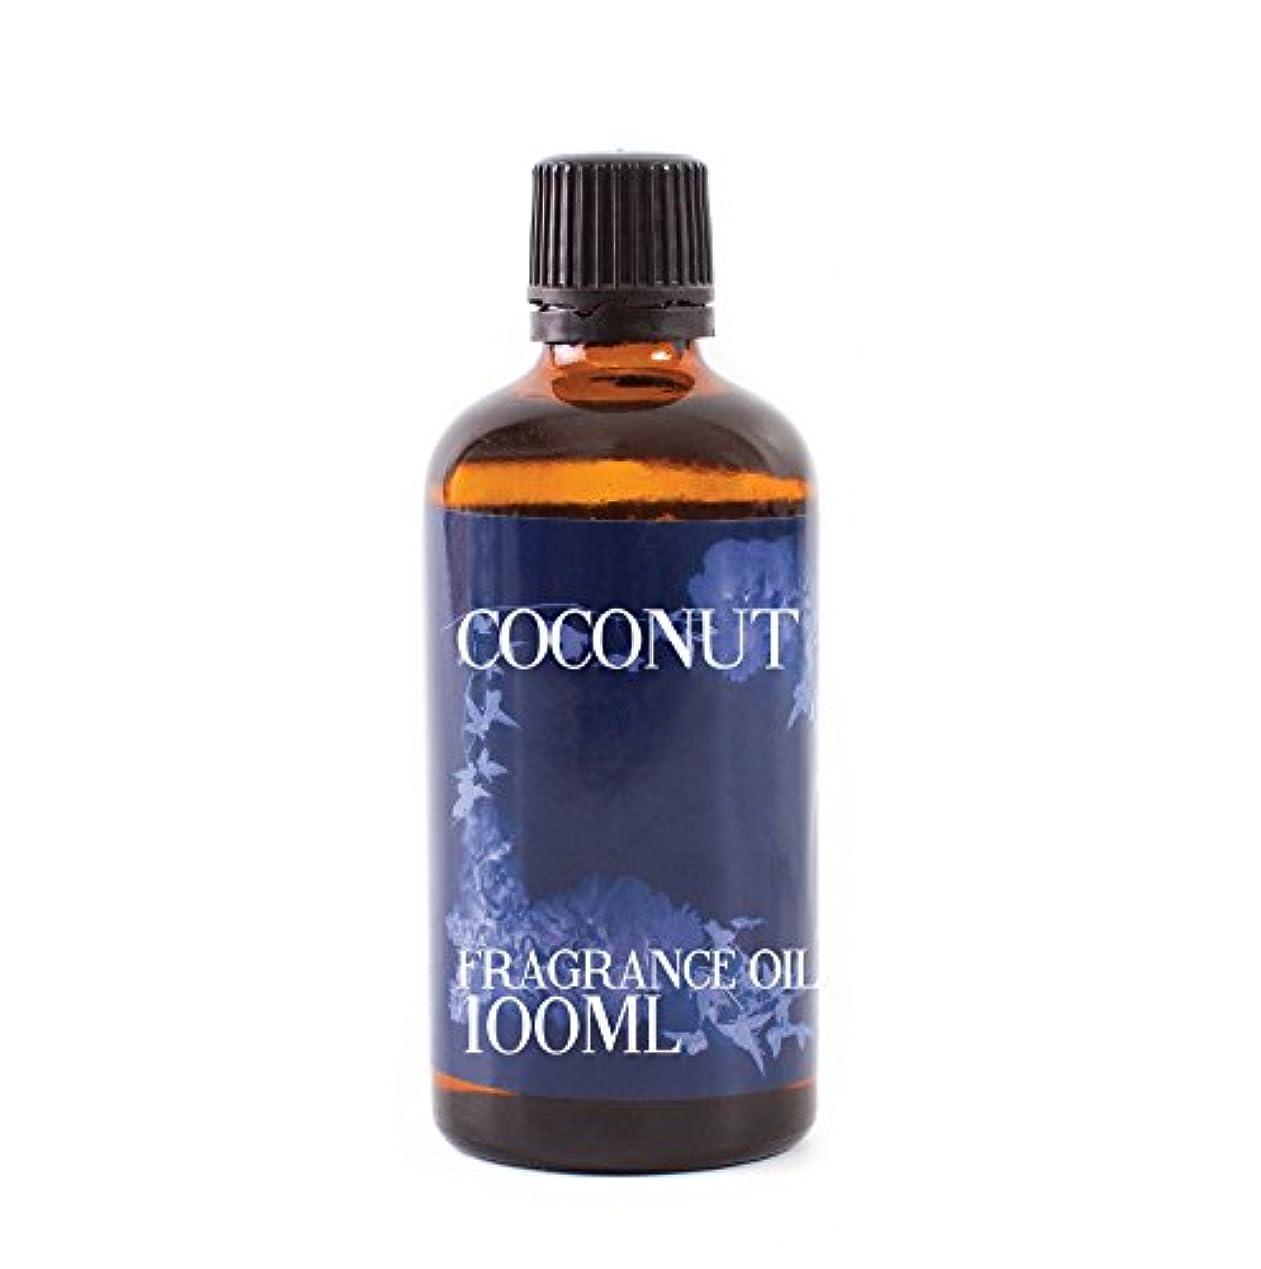 夏ヘリコプター同盟Mystic Moments |Coconut Fragrance Oil - 100ml